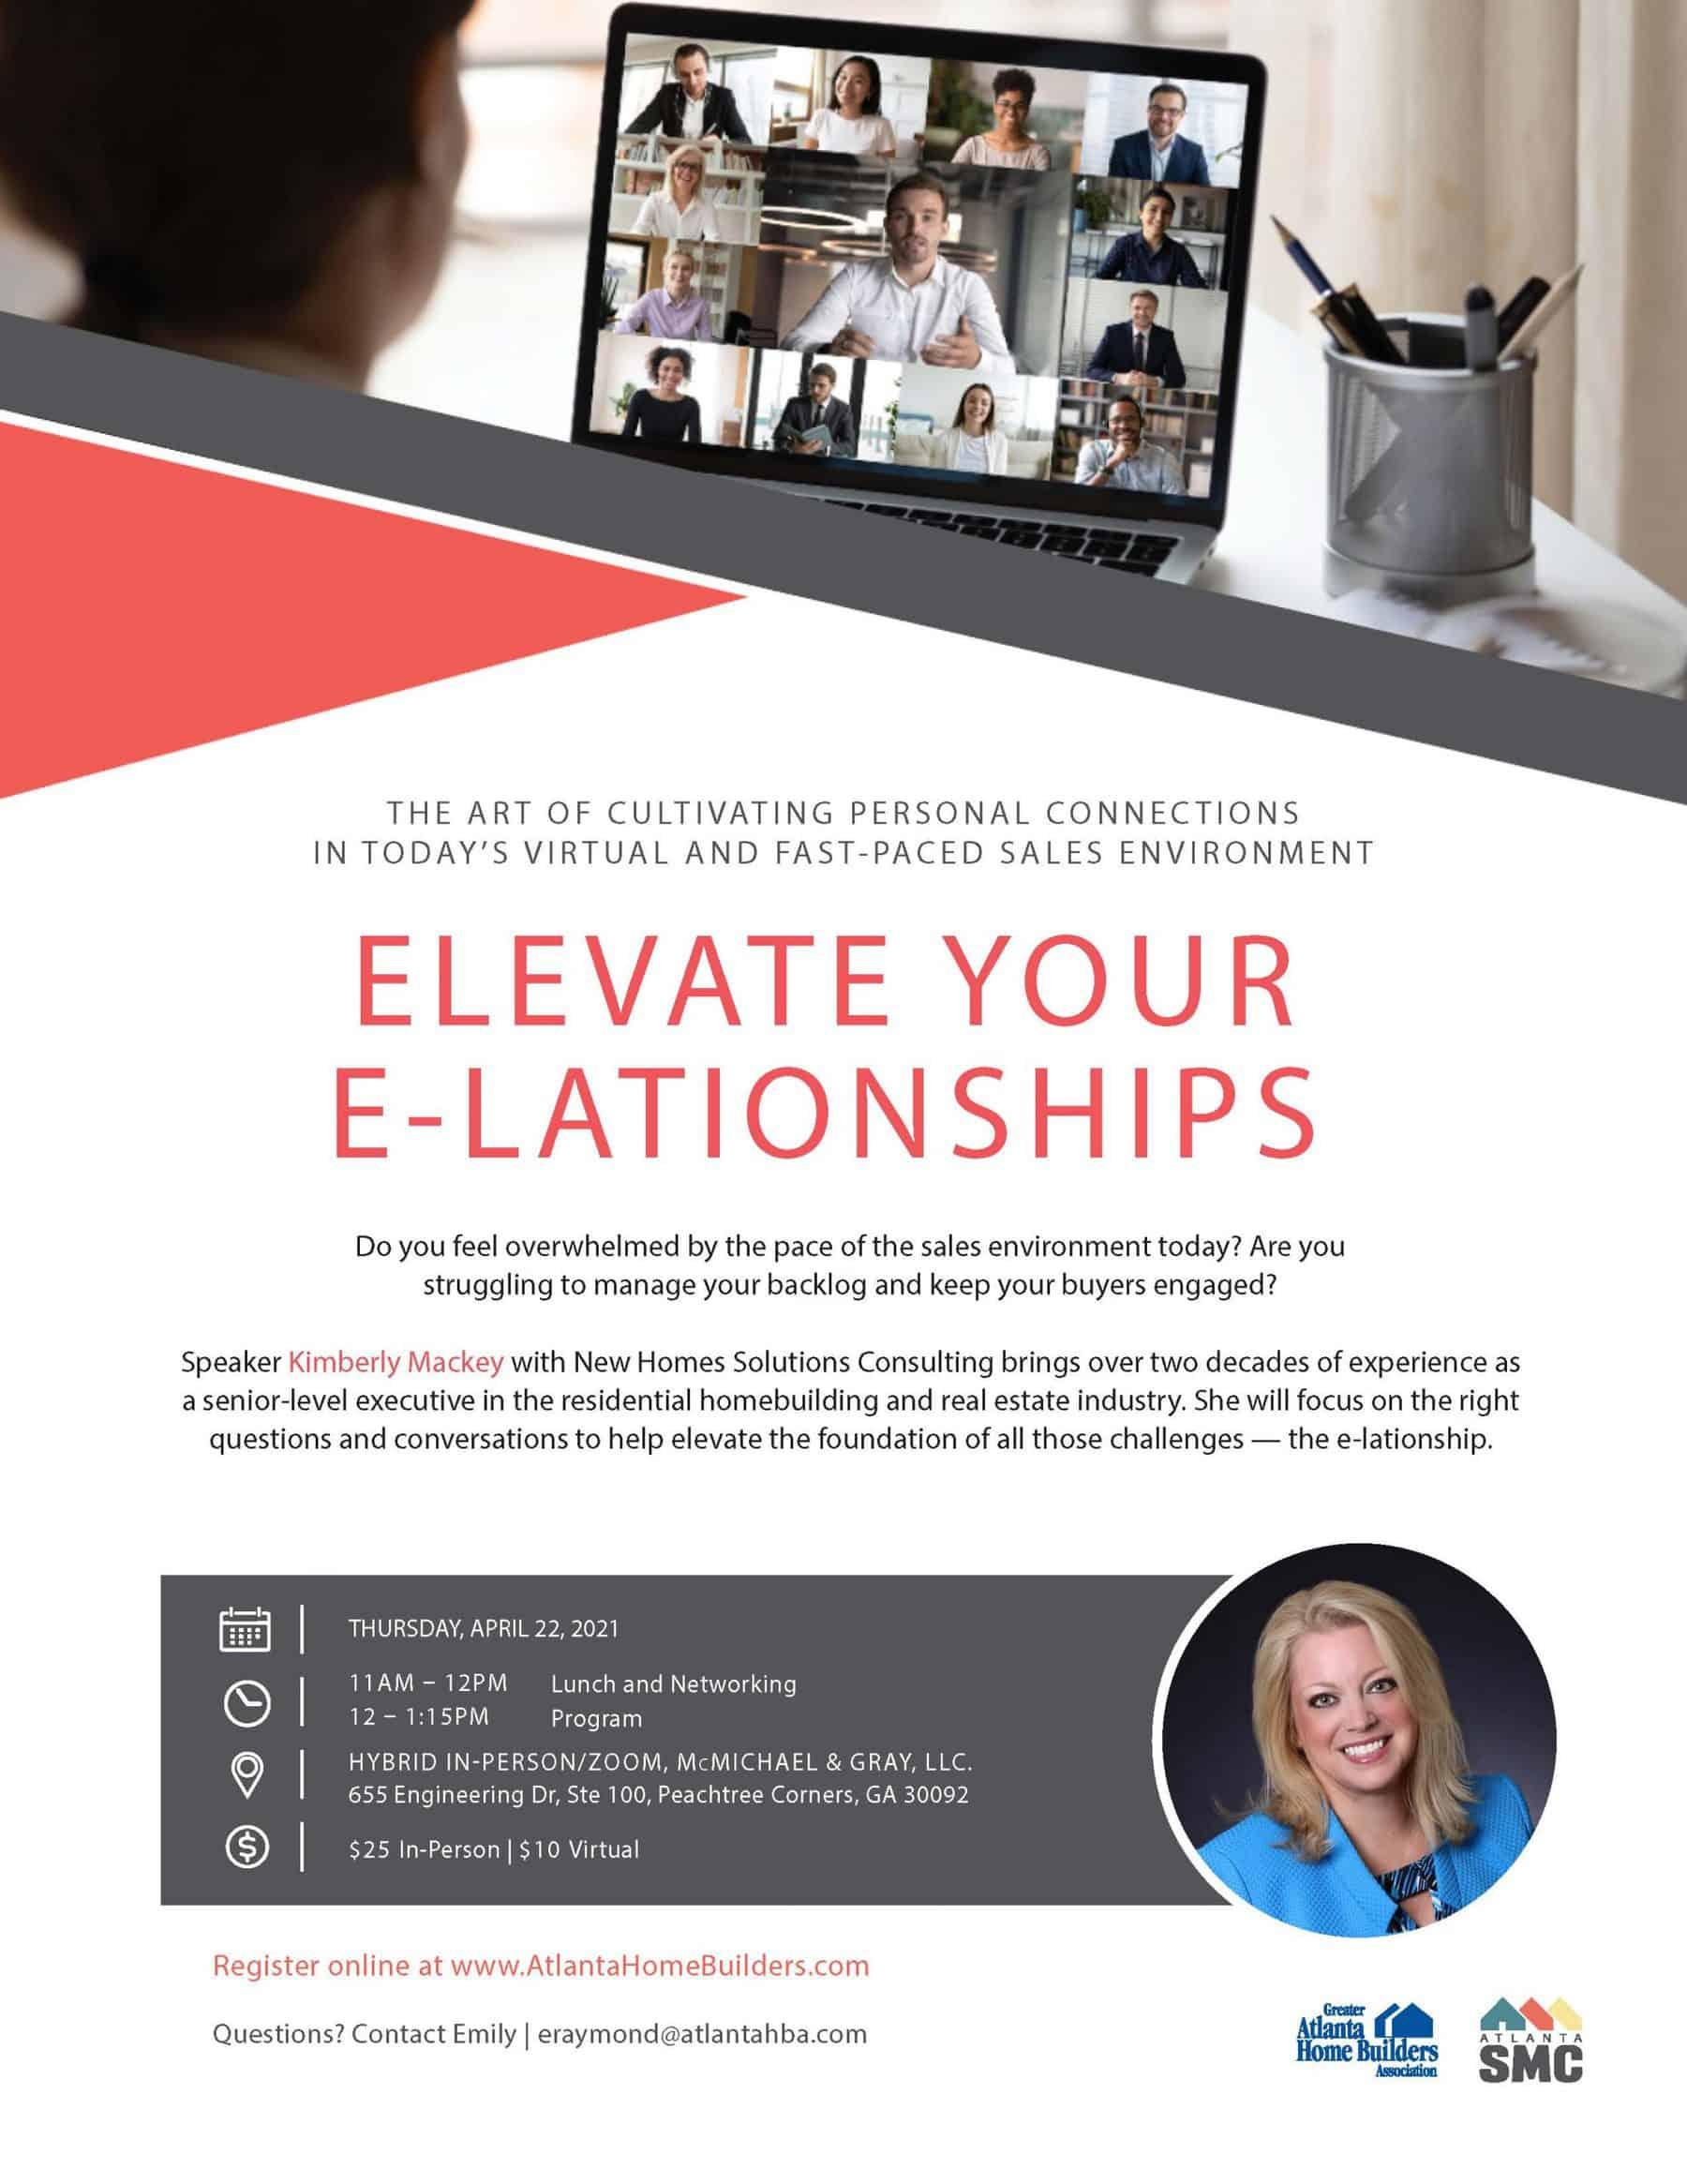 Atlanta SMC Elevate Your E-Lationships with Kimberly Mackey flyer